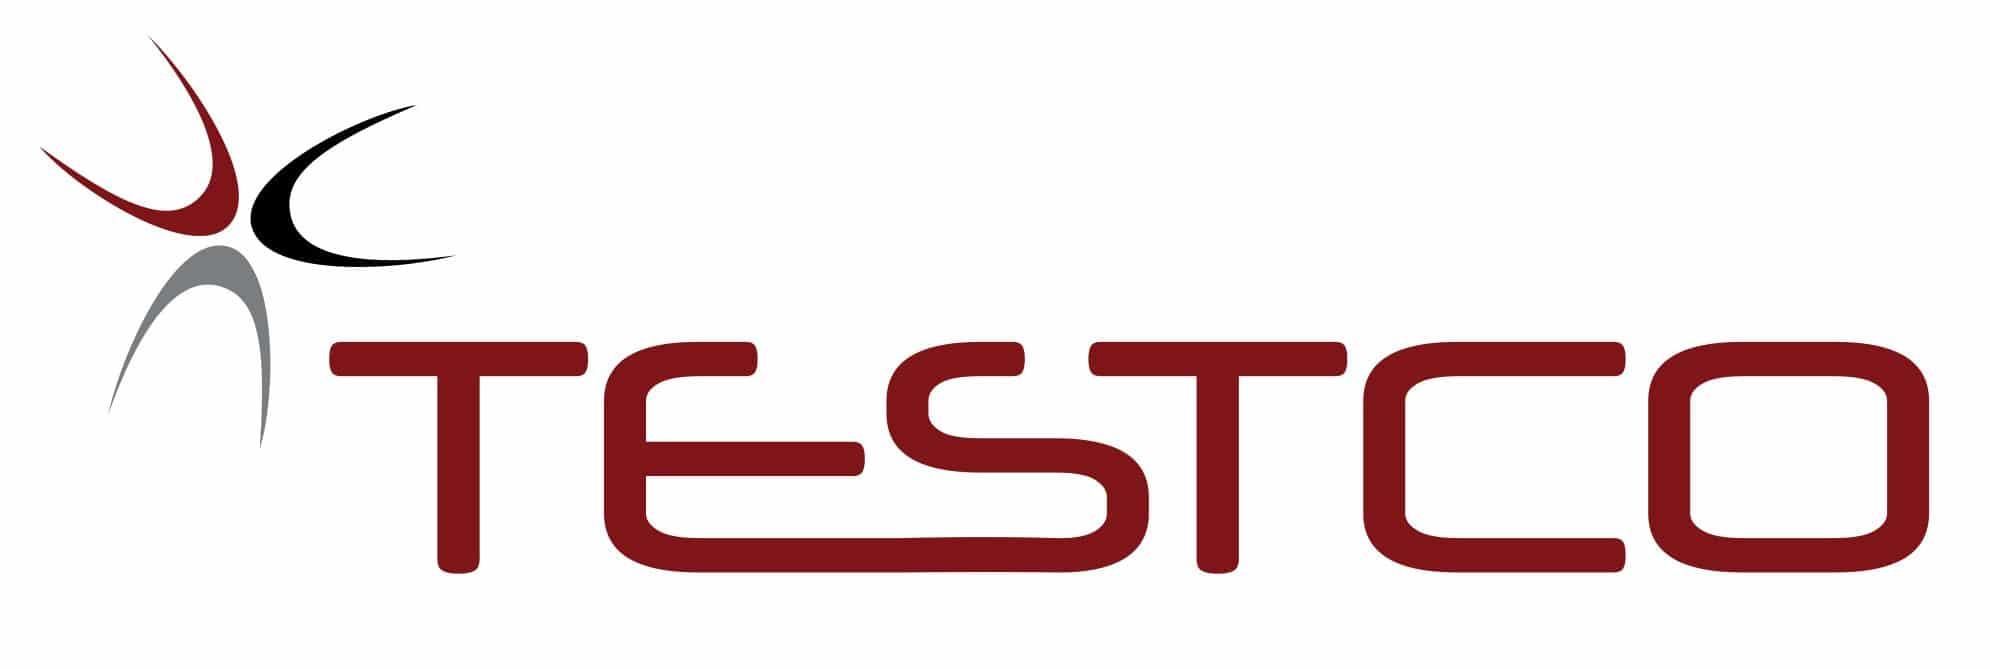 Testco-Logo